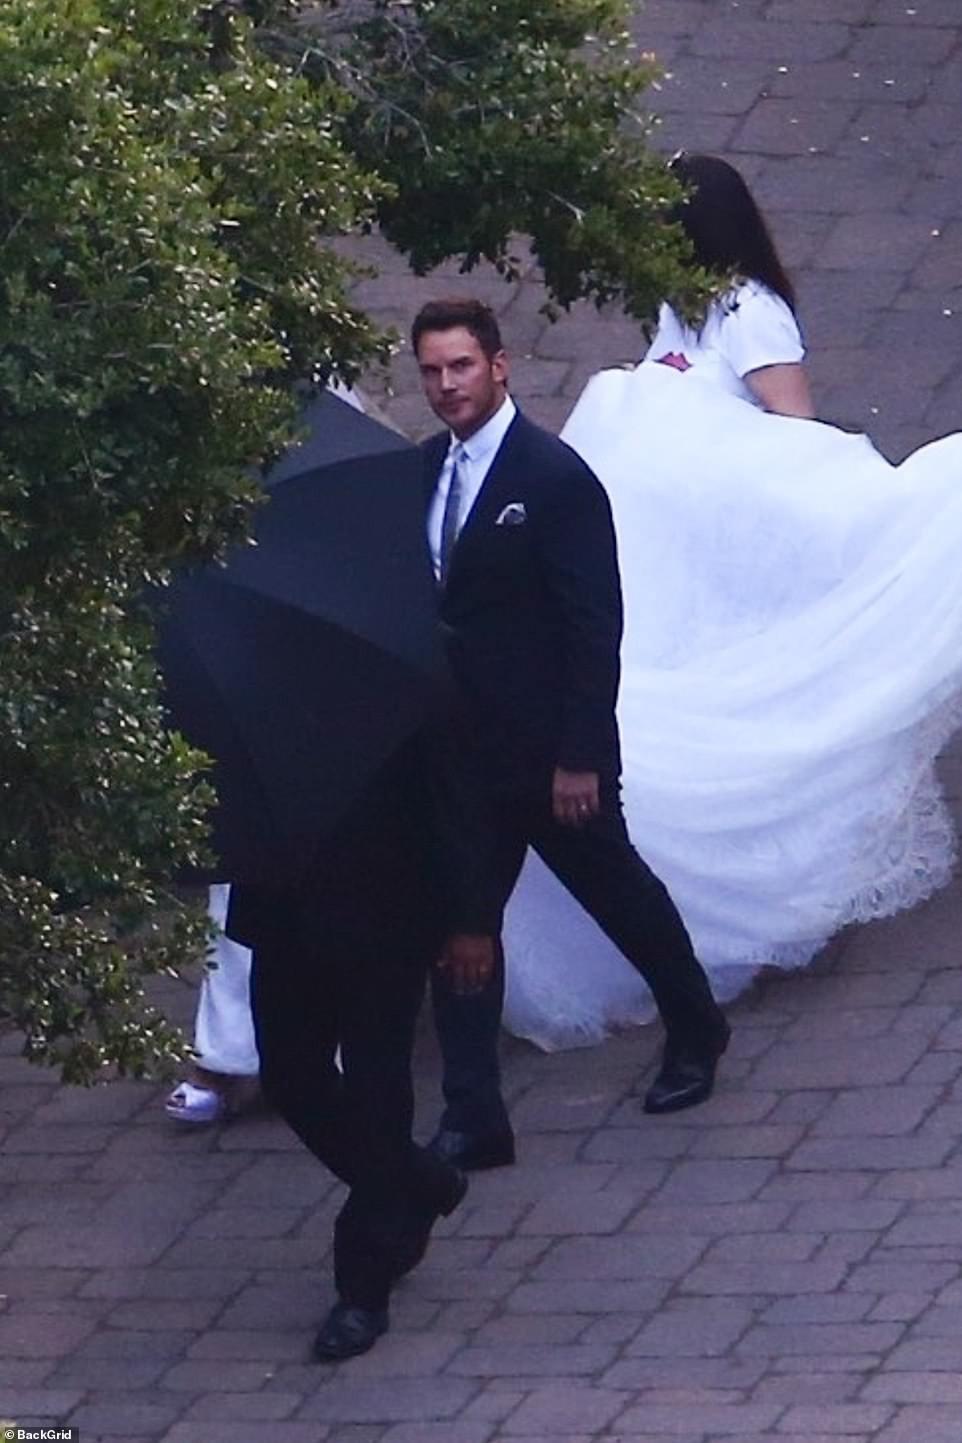 Đám cưới siêu hot kiểu gia tộc quyền lực nhất nước Mỹ: Ái nữ Kẻ huỷ diệt chính thức thành vợ tài tử Avengers - Ảnh 6.